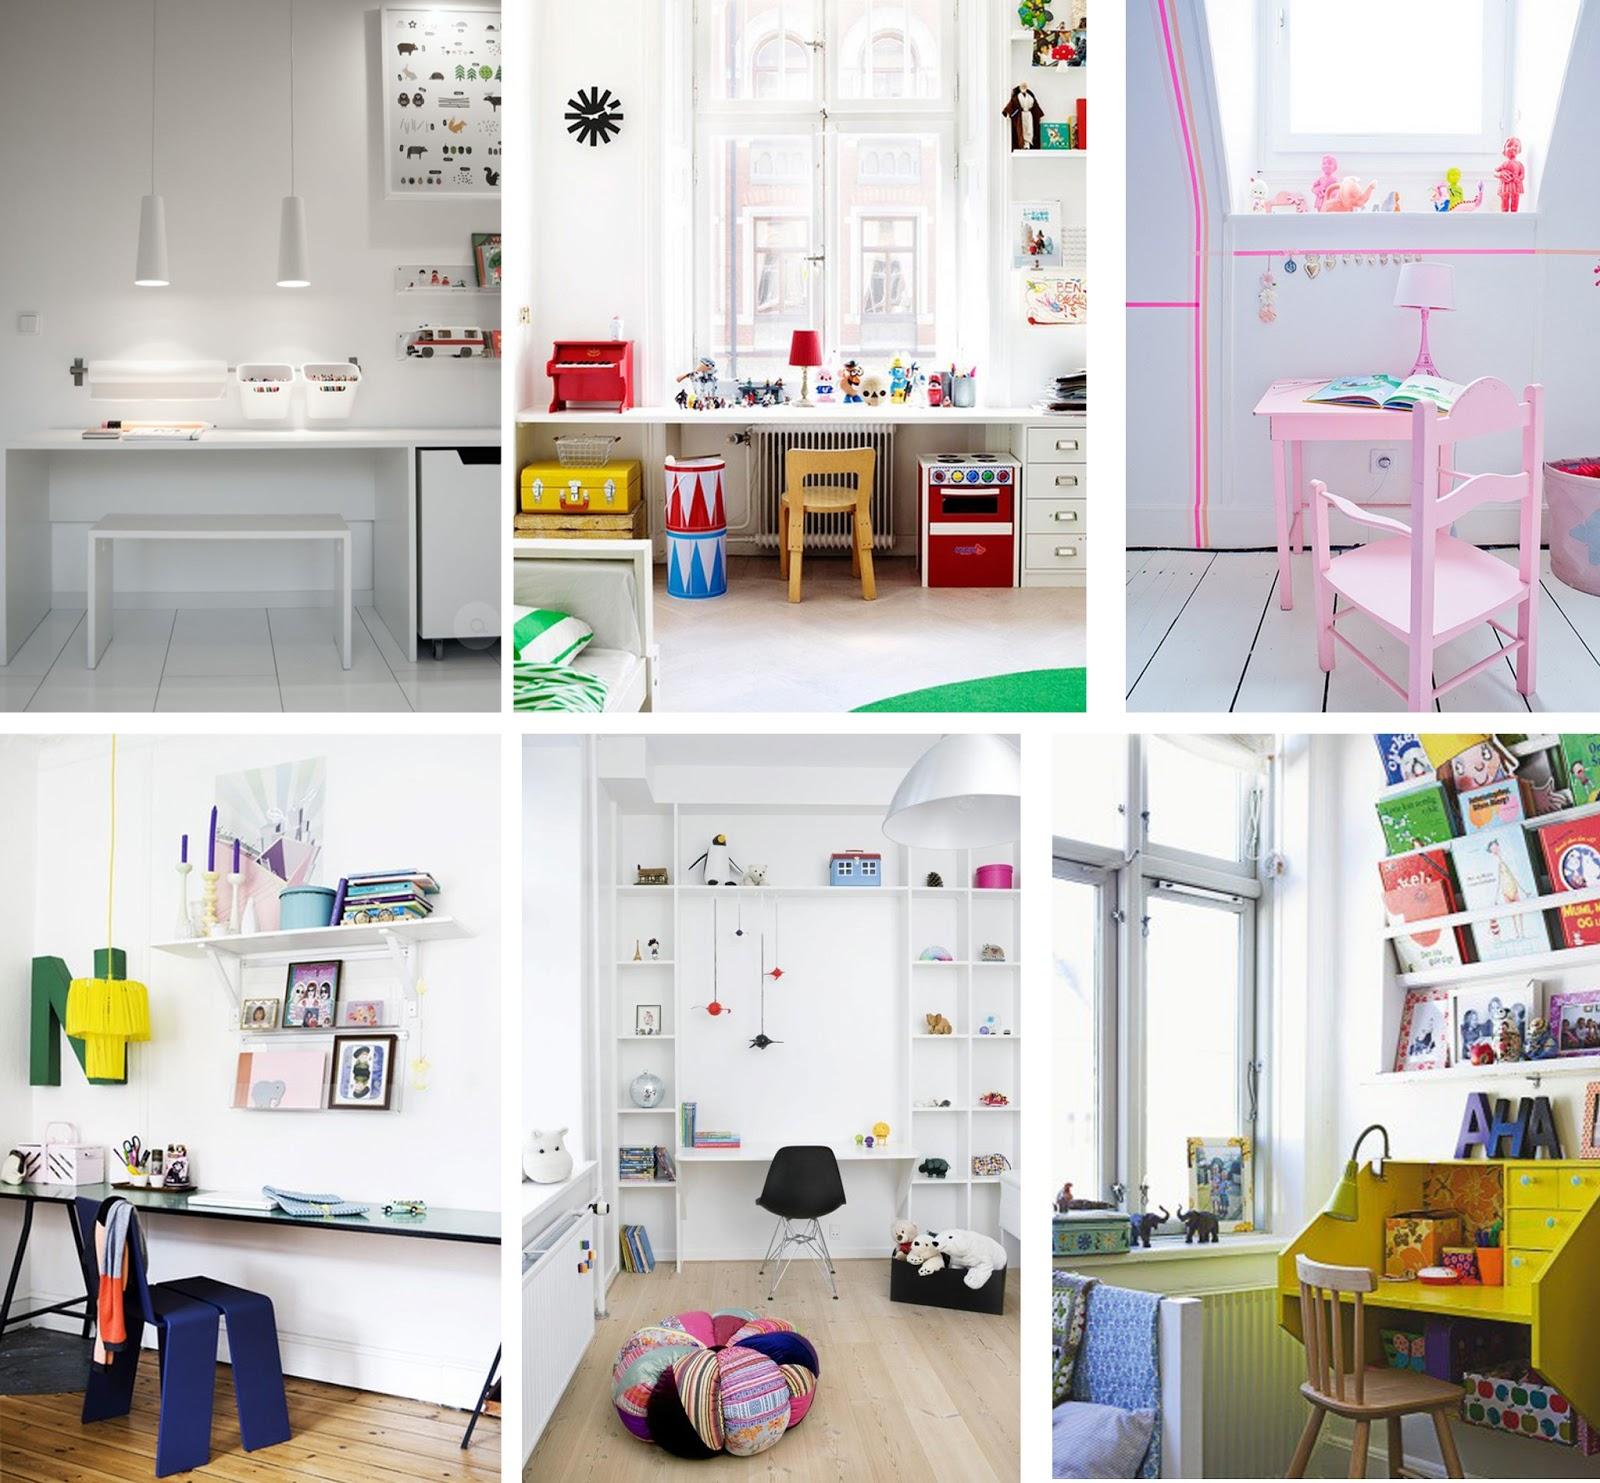 Espacios para trabajar - HomePersonalShopper, casa, luz, blanco, niños, peques, infantil, negro, compartido, color, tranquilo, motivador, pequeño, rincón, amplio, luminoso, escondido